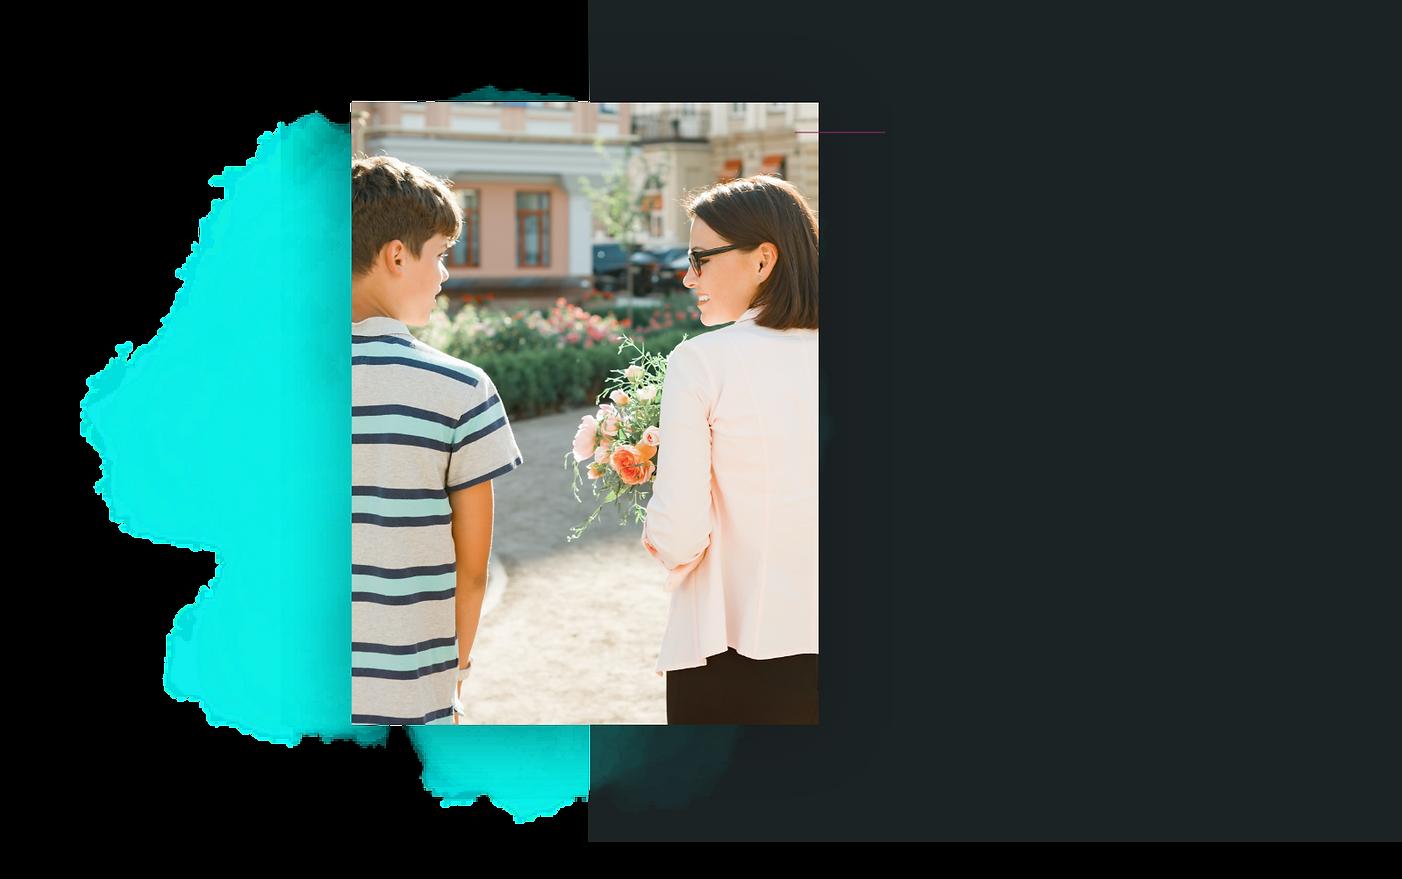 parents-case-study.png